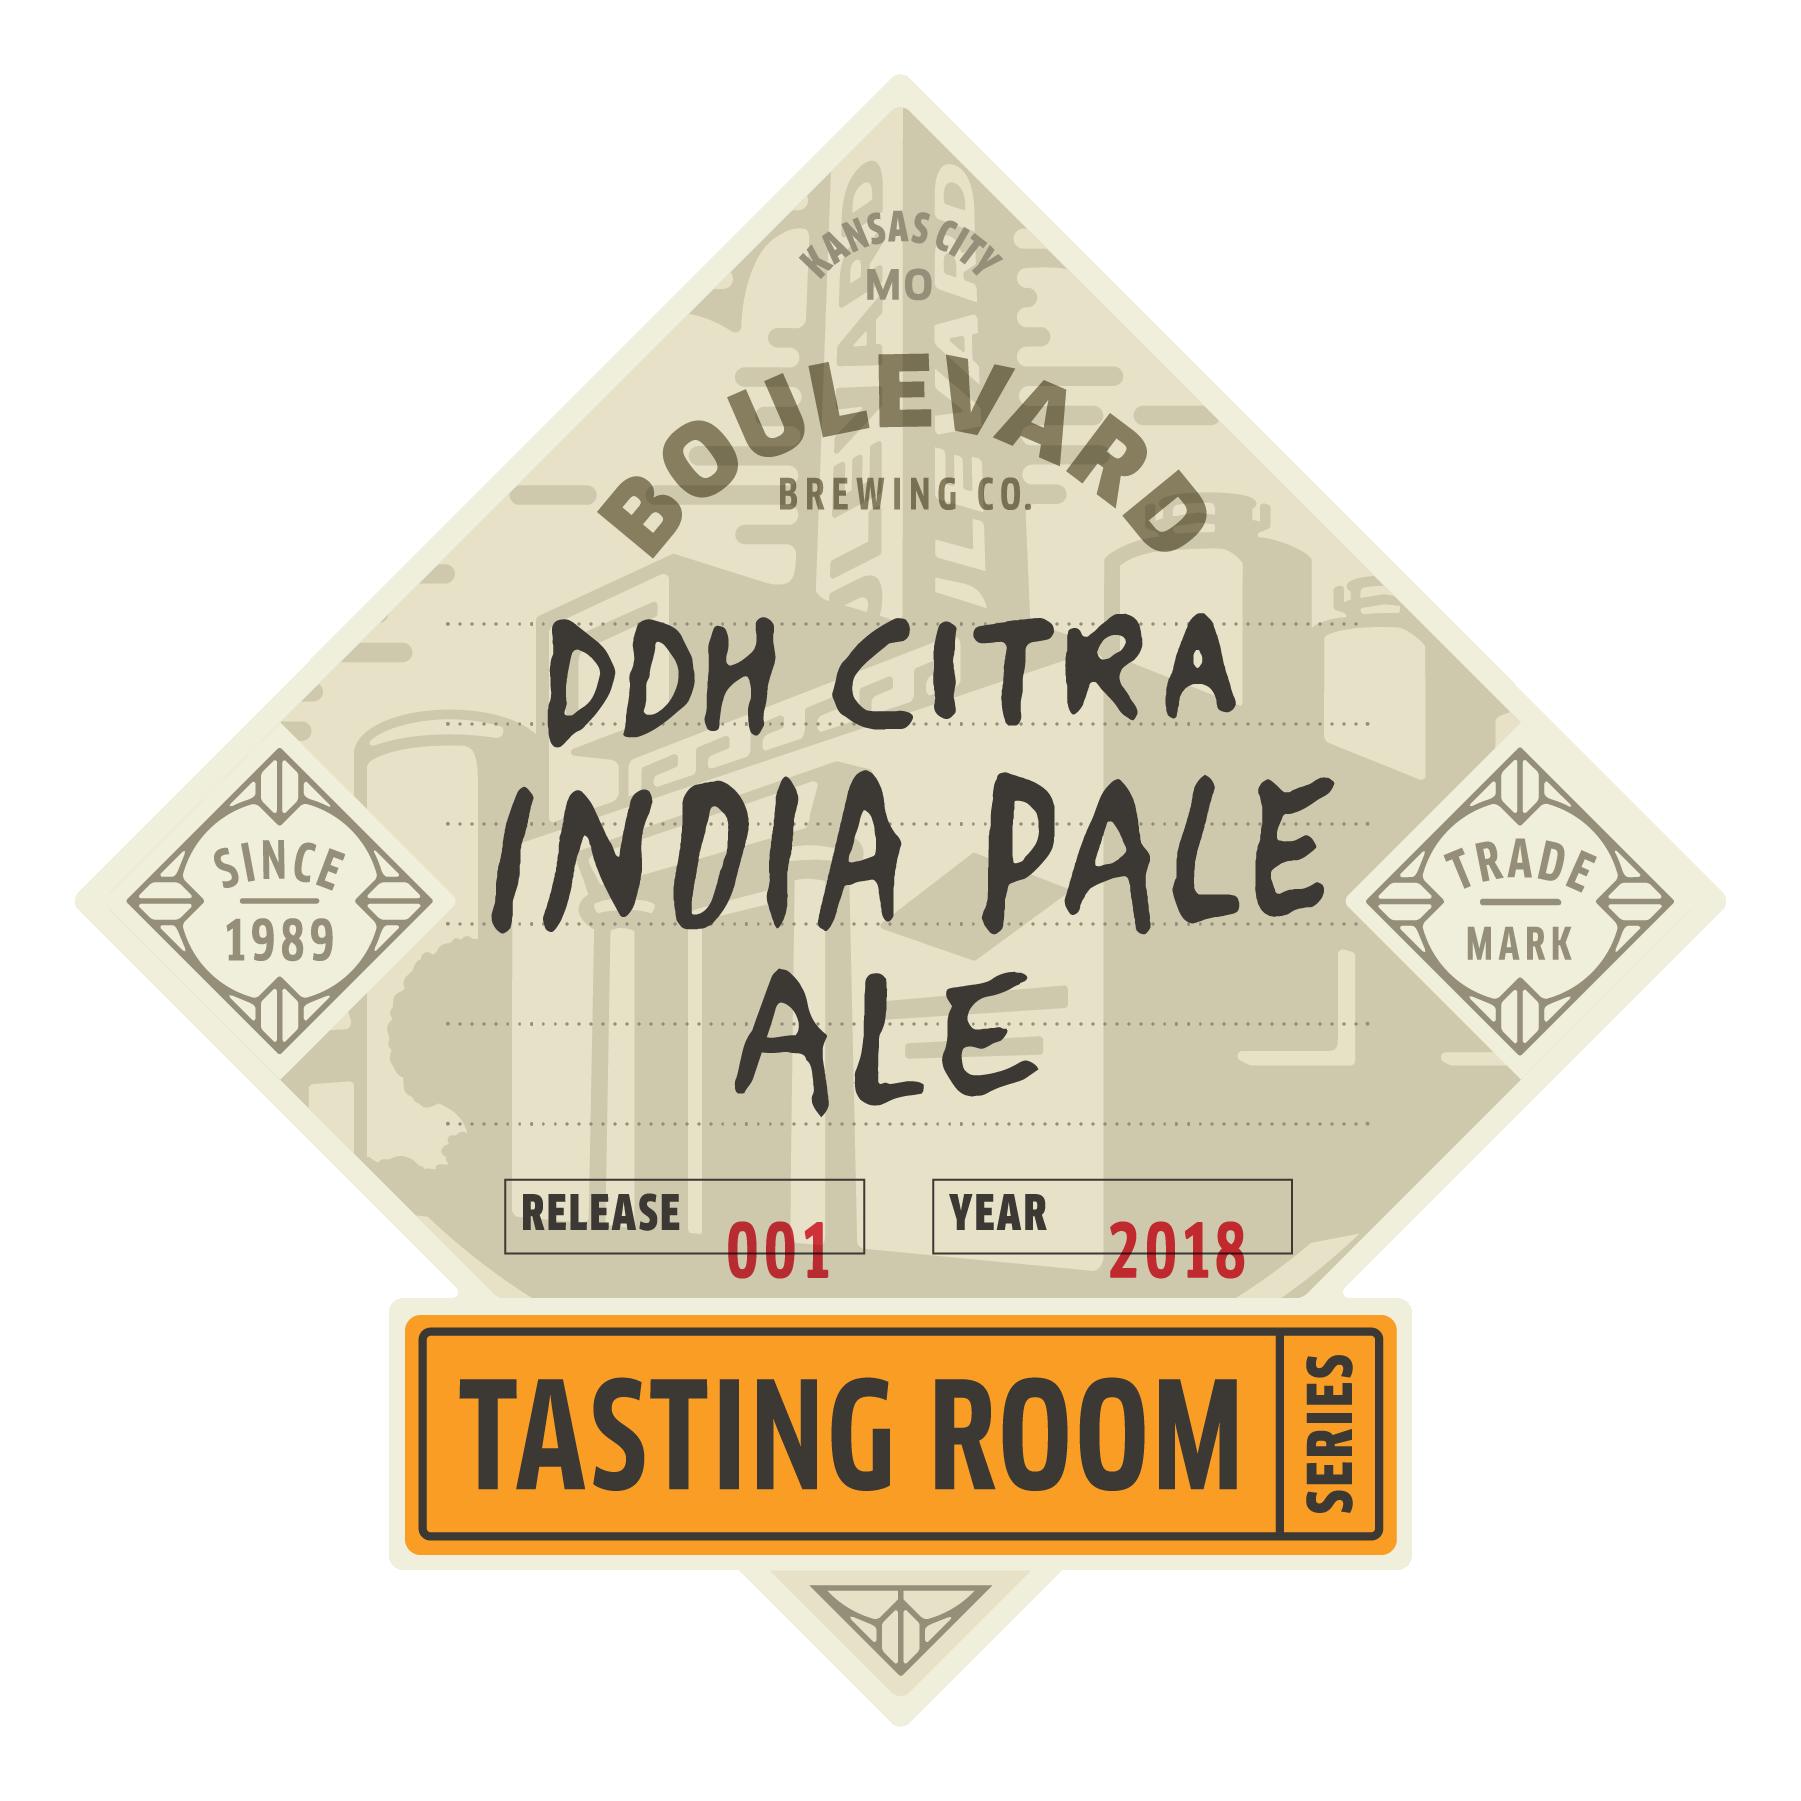 Tasting Room – DDH Citra IPA